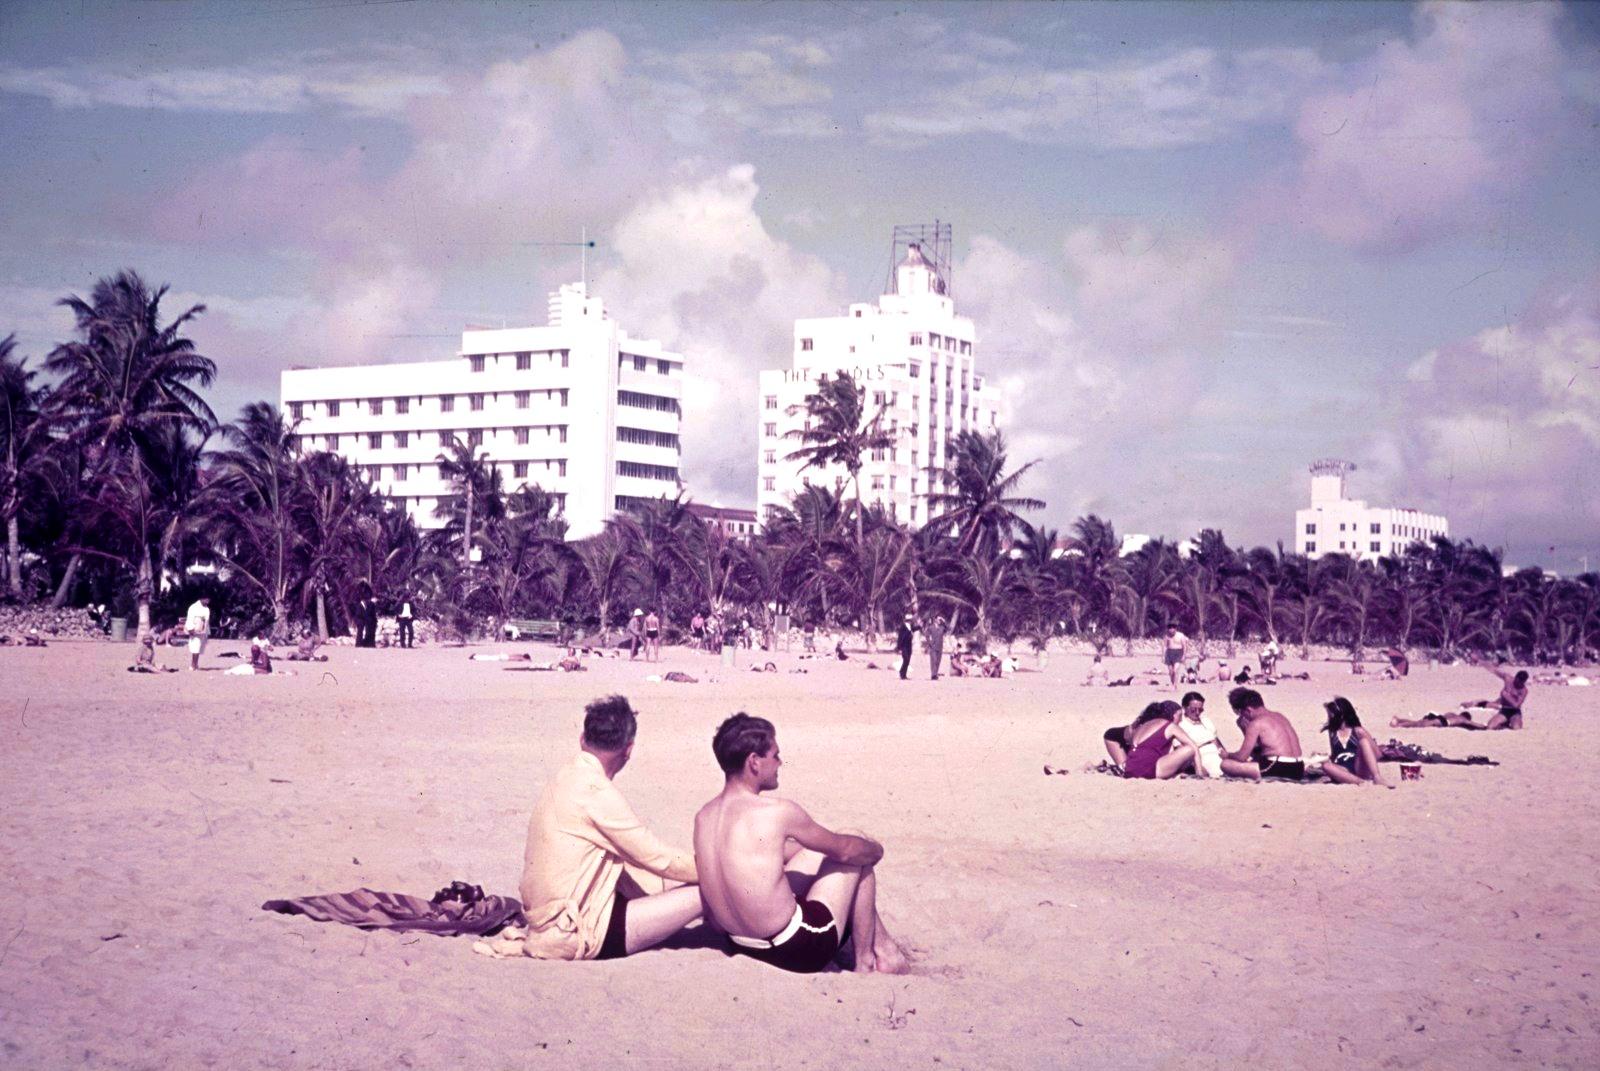 Майами. Пляж с видом на отель «TheTides» (в центре) на Оушен Драйв